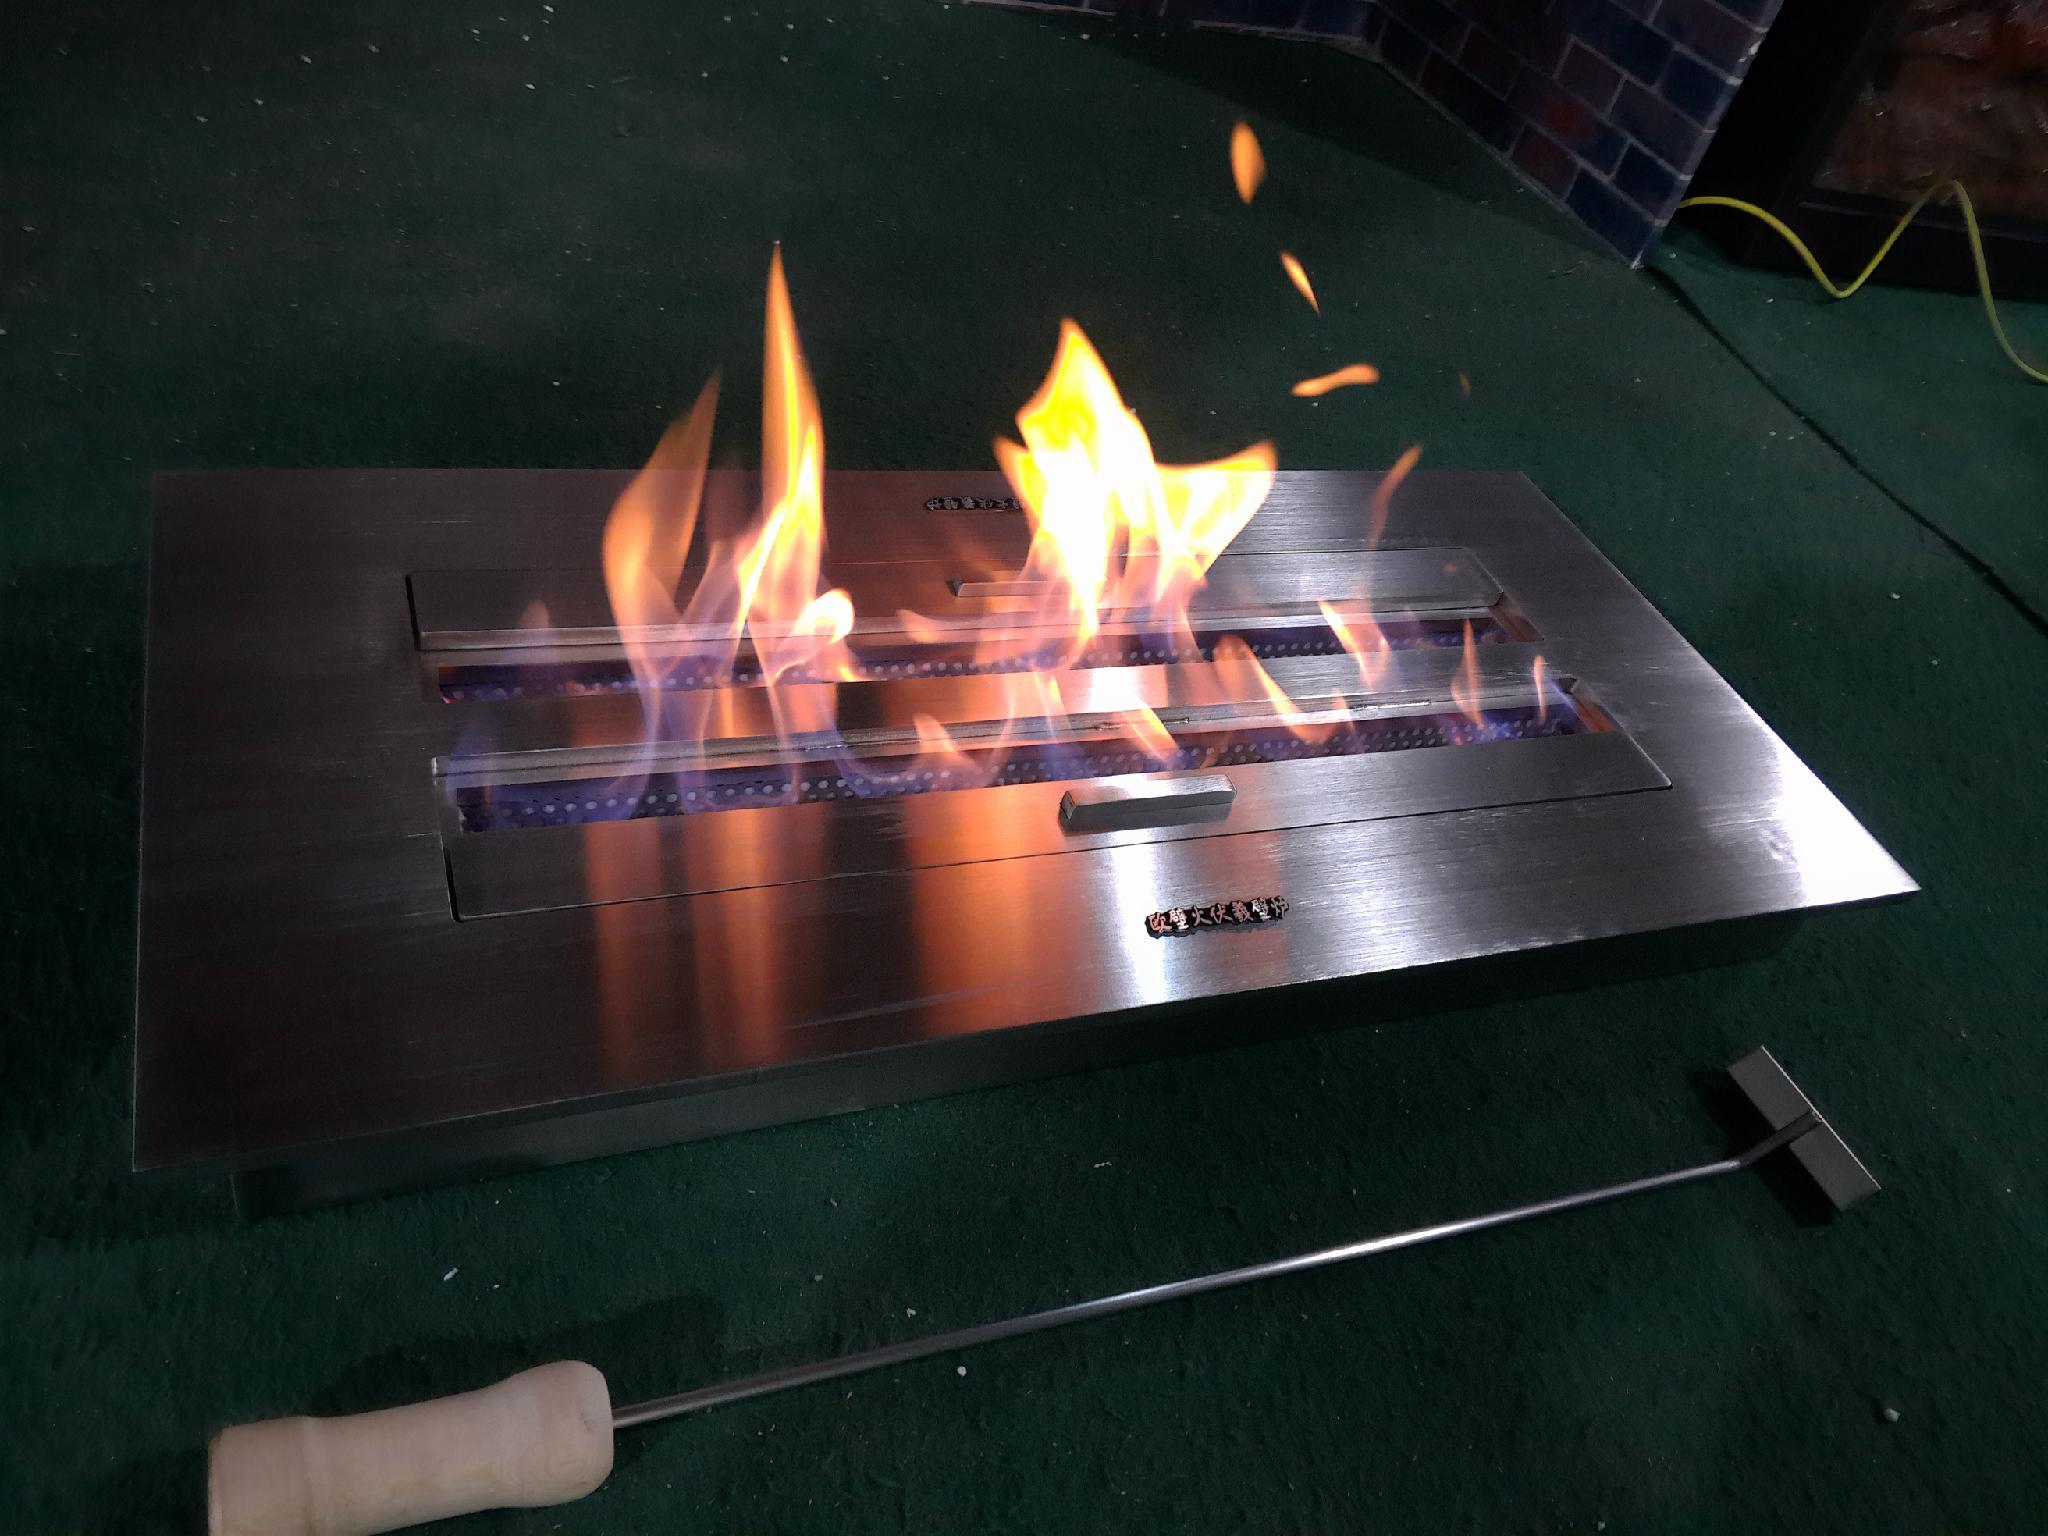 1500x150x350的双排火